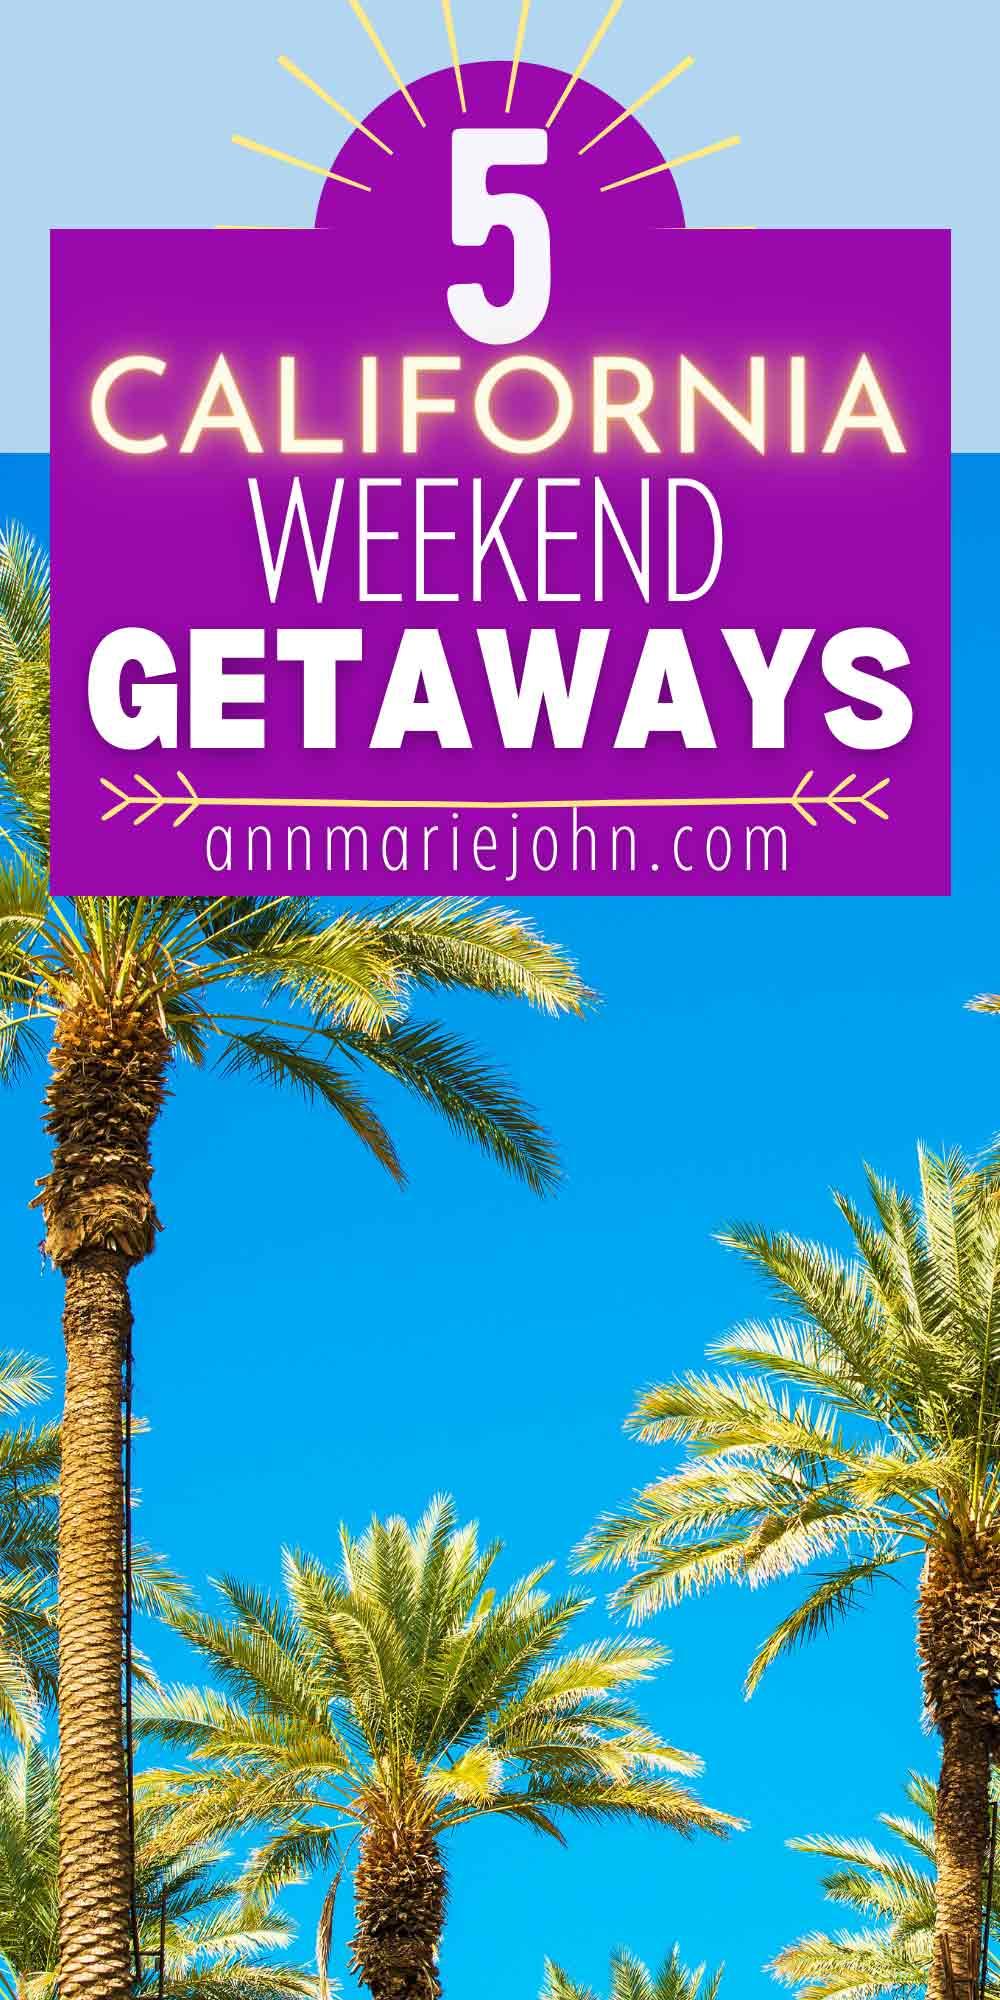 5 California Weekend Getaways